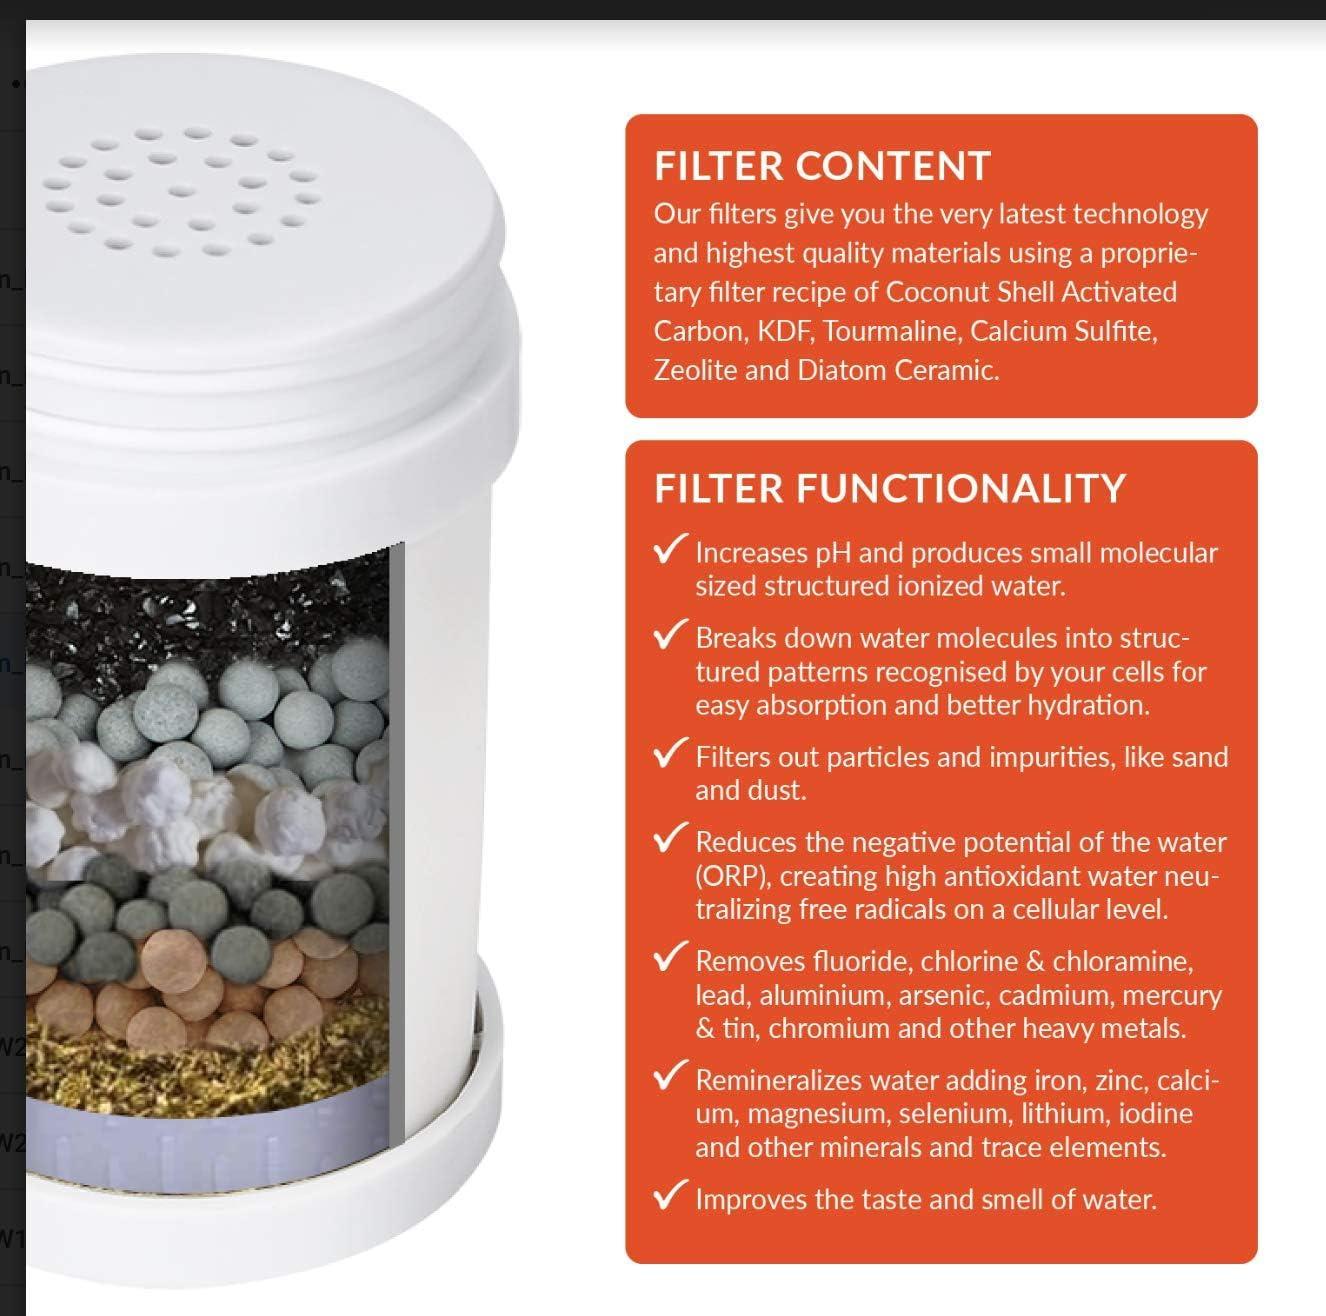 Filtro de agua del grifo de varias etapas PURIFY pH - Sistema de grifo con filtro de agua - Filtros de cloro, fluoruro y productos químicos - Aumenta el pH y -ORP -